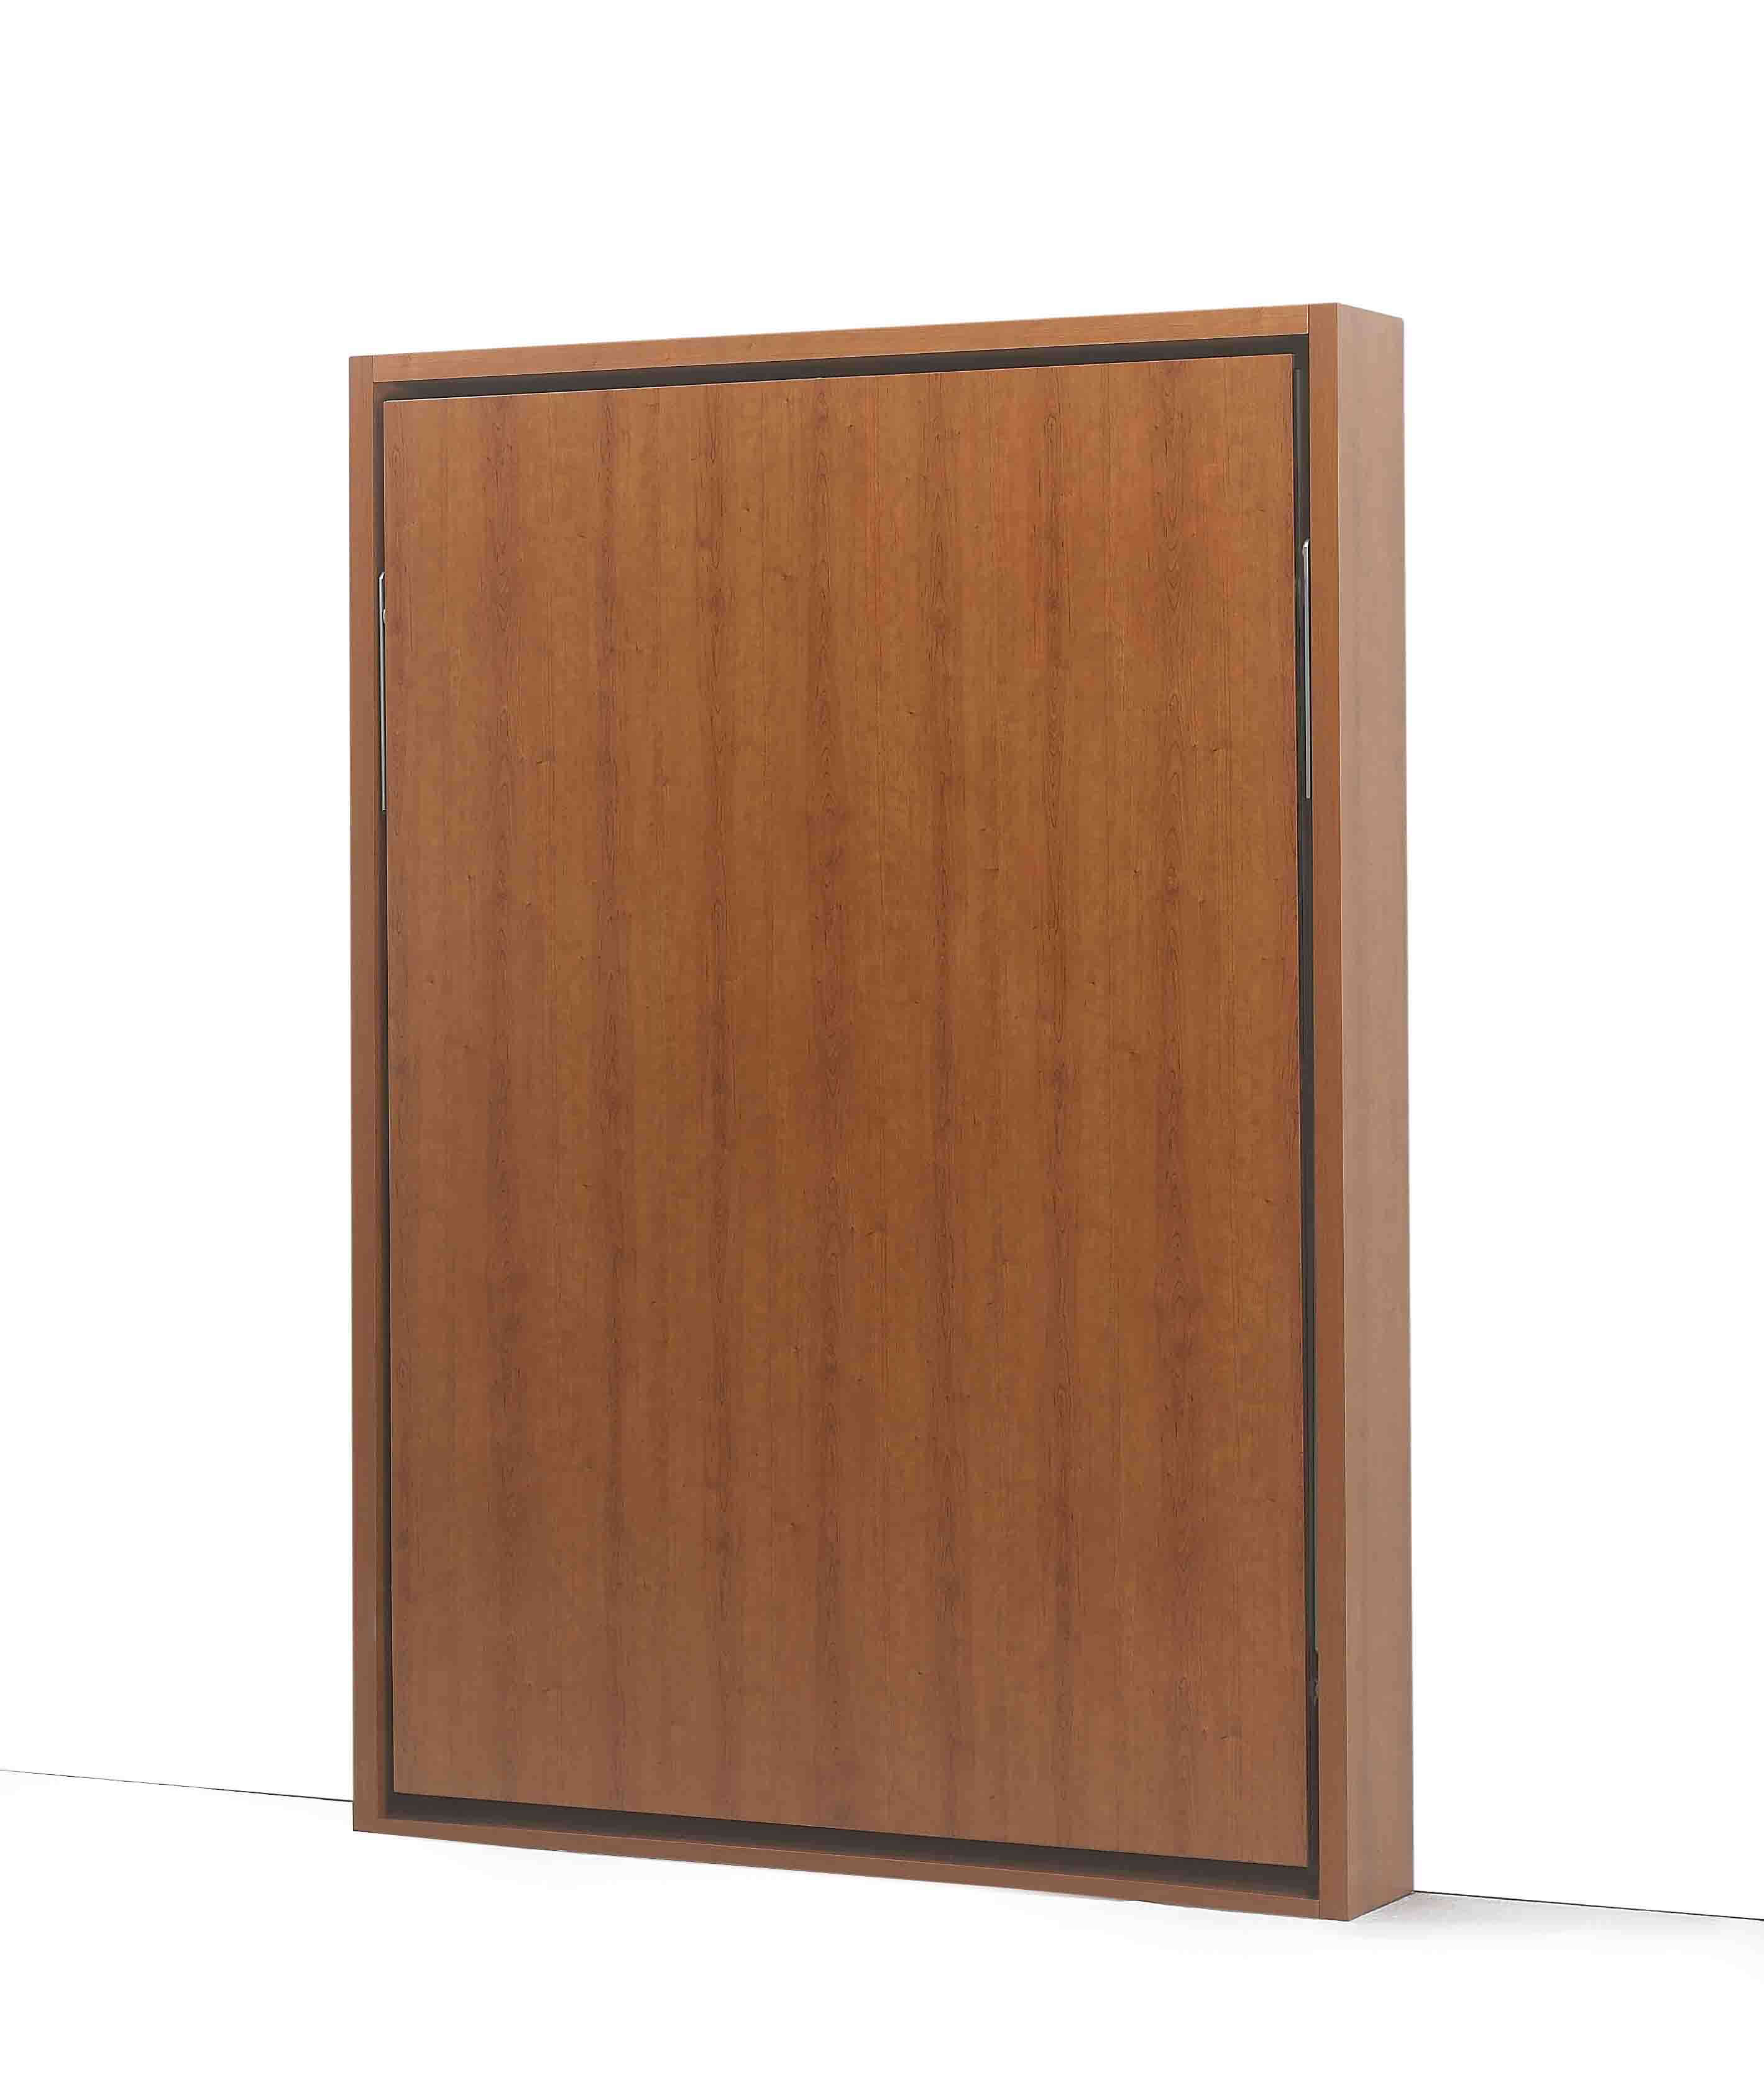 letto a ribalta modello Door in Offerta Lancio Scontato in Milano e ...